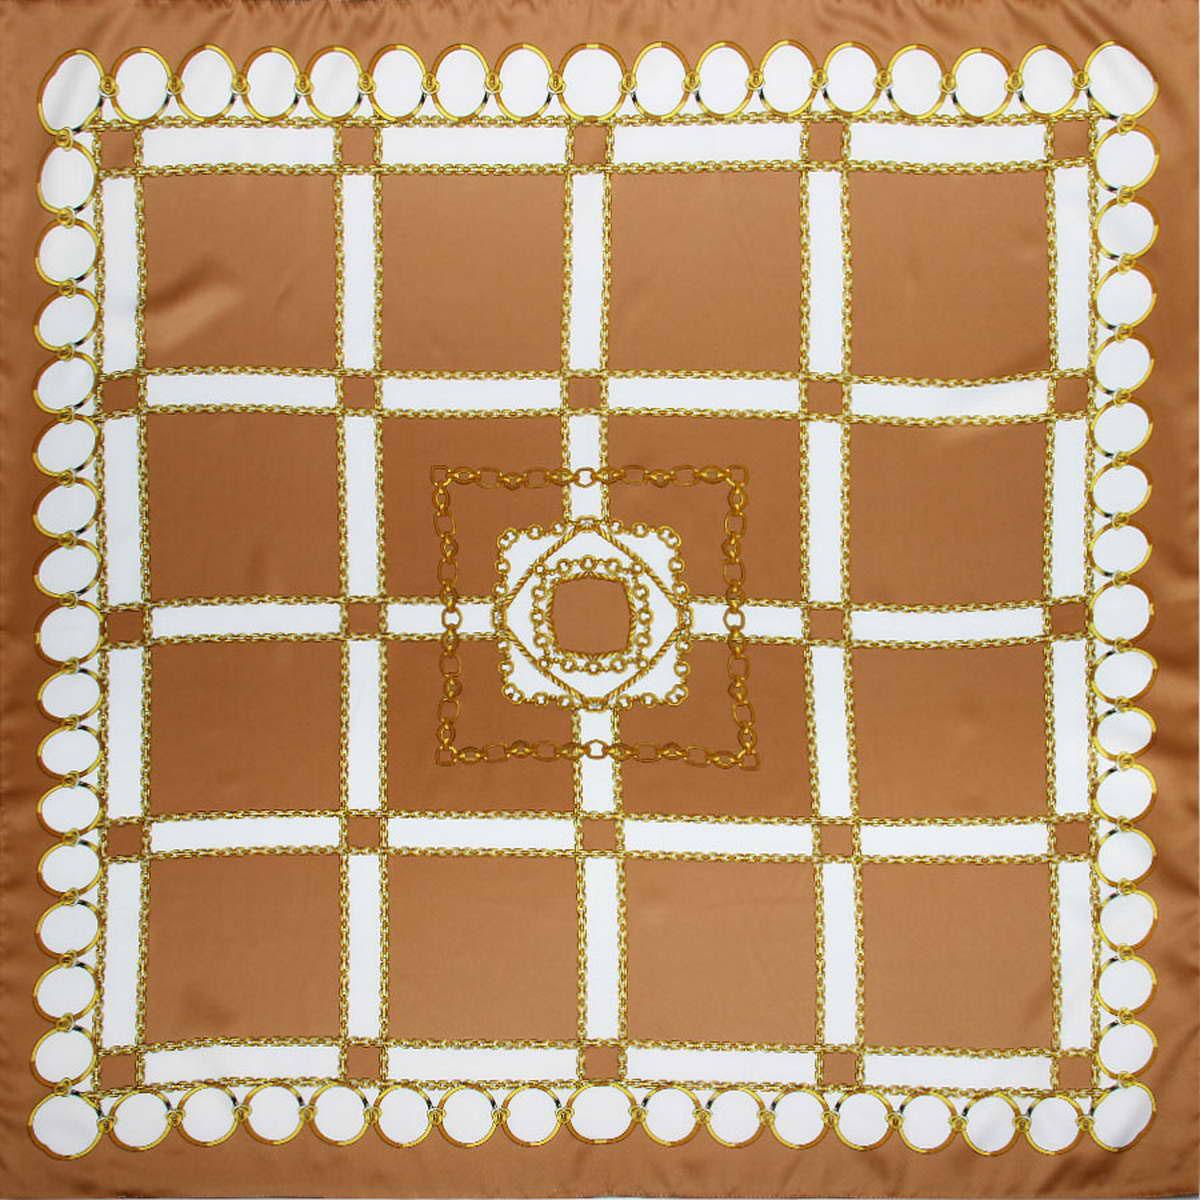 Платок женский Venera, цвет: бежевый, белый, желтый. 3914783-20. Размер 90 см х 90 см3914783-20Стильный женский платок Venera станет великолепным завершением любого наряда. Платок изготовлен из полиэстера и оформлен принтом в виде цепей и колец. Классическая квадратная форма позволяет носить платок на шее, украшать им прическу или декорировать сумочку. Легкий и приятный на ощупь платок поможет вам создать изысканный женственный образ. Такой платок превосходно дополнит любой наряд и подчеркнет ваш неповторимый вкус и элегантность.